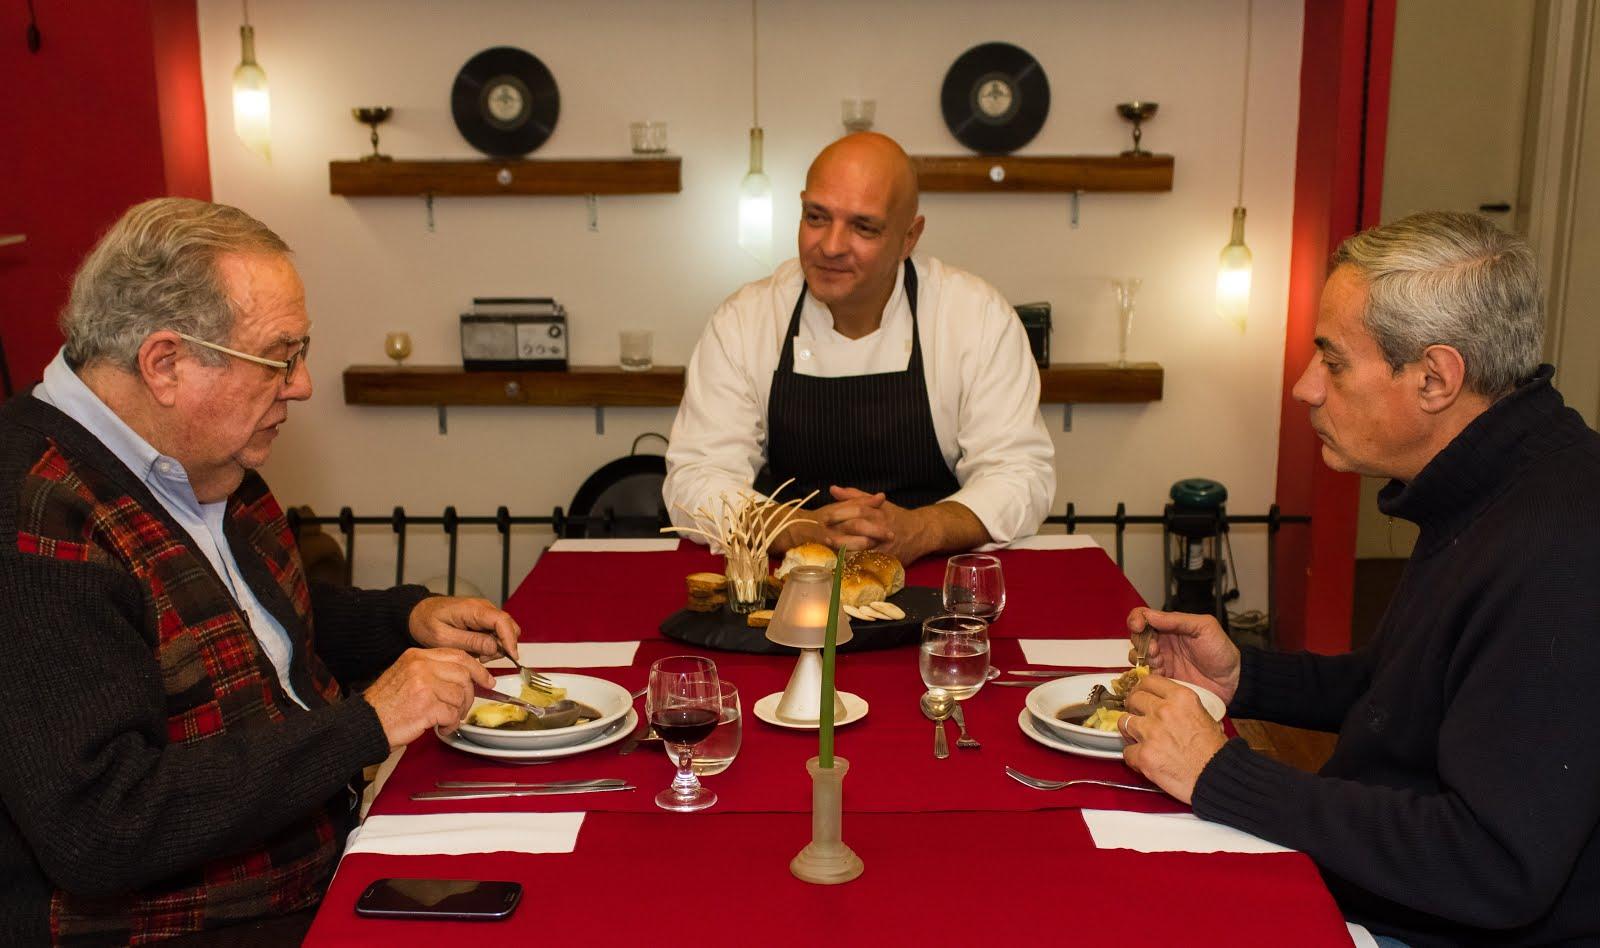 El prestigioso periodista gastronómico Alejandro Maglione, cenando en mi restó.